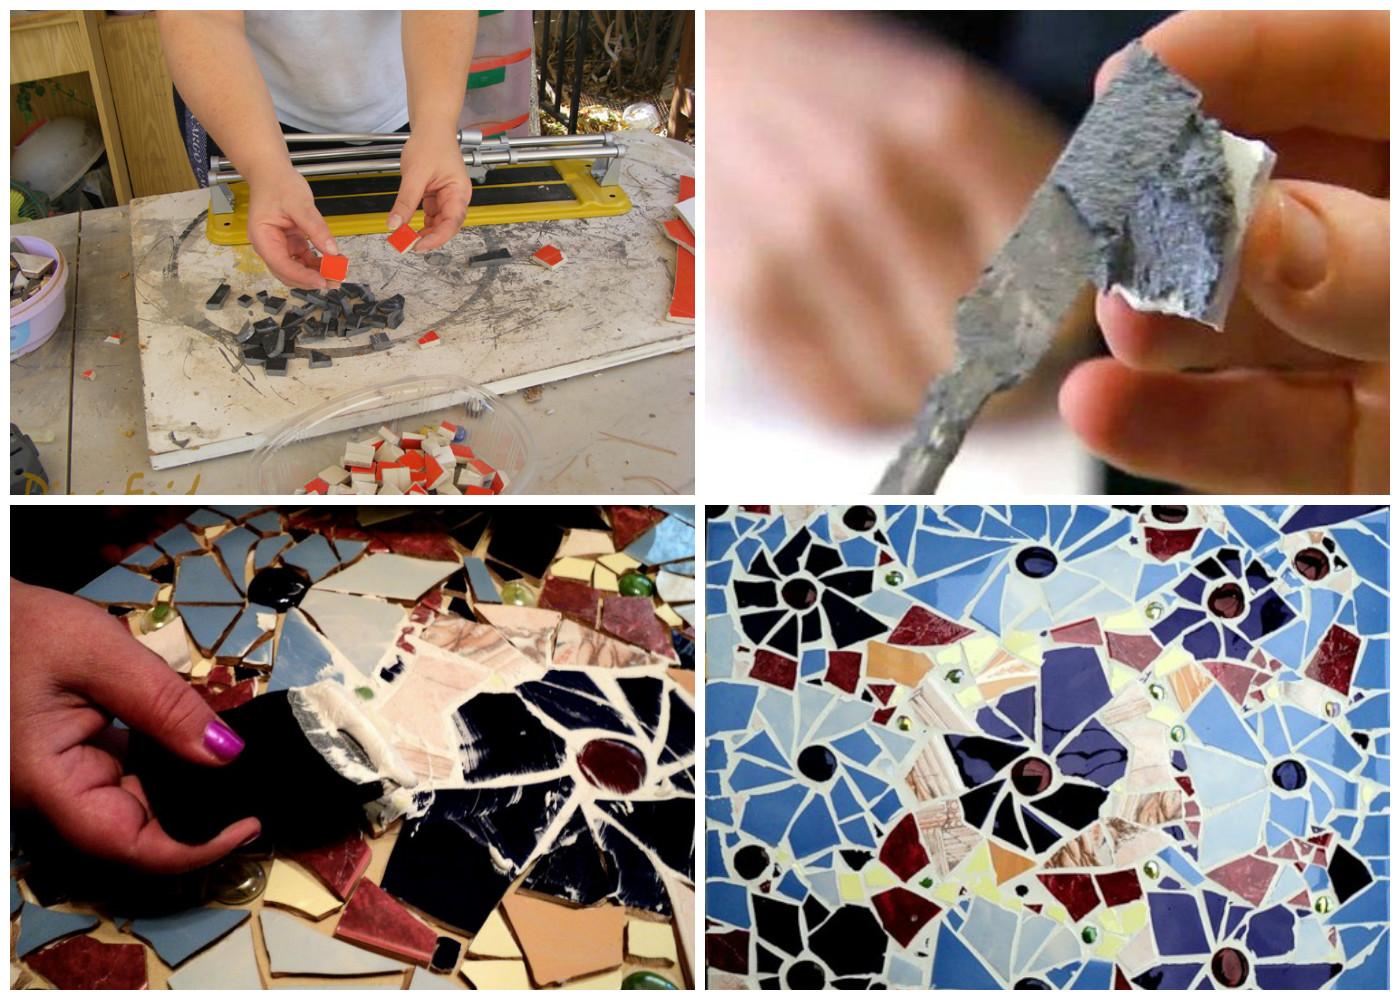 sozdanie-mozaiki.jpg